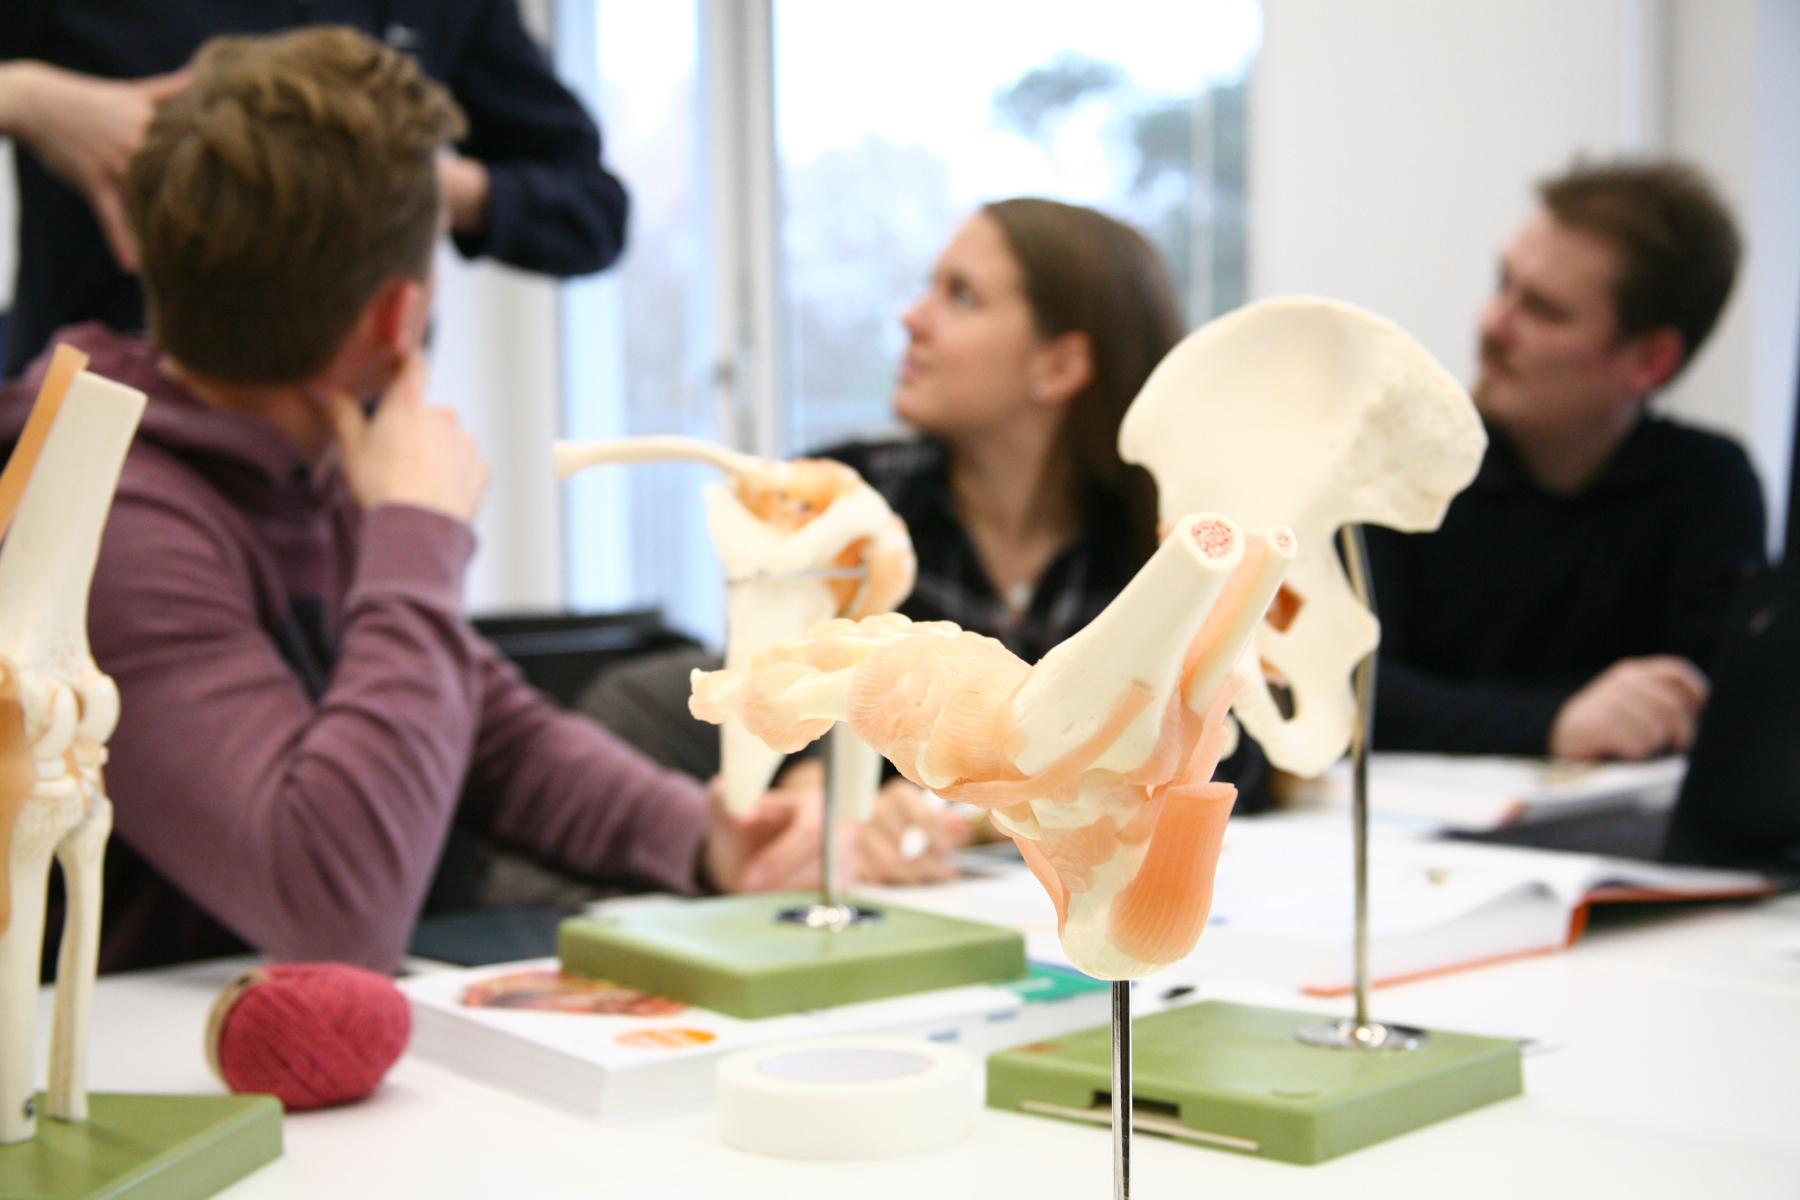 Anatomieunterricht der Medizinischen Fakultät